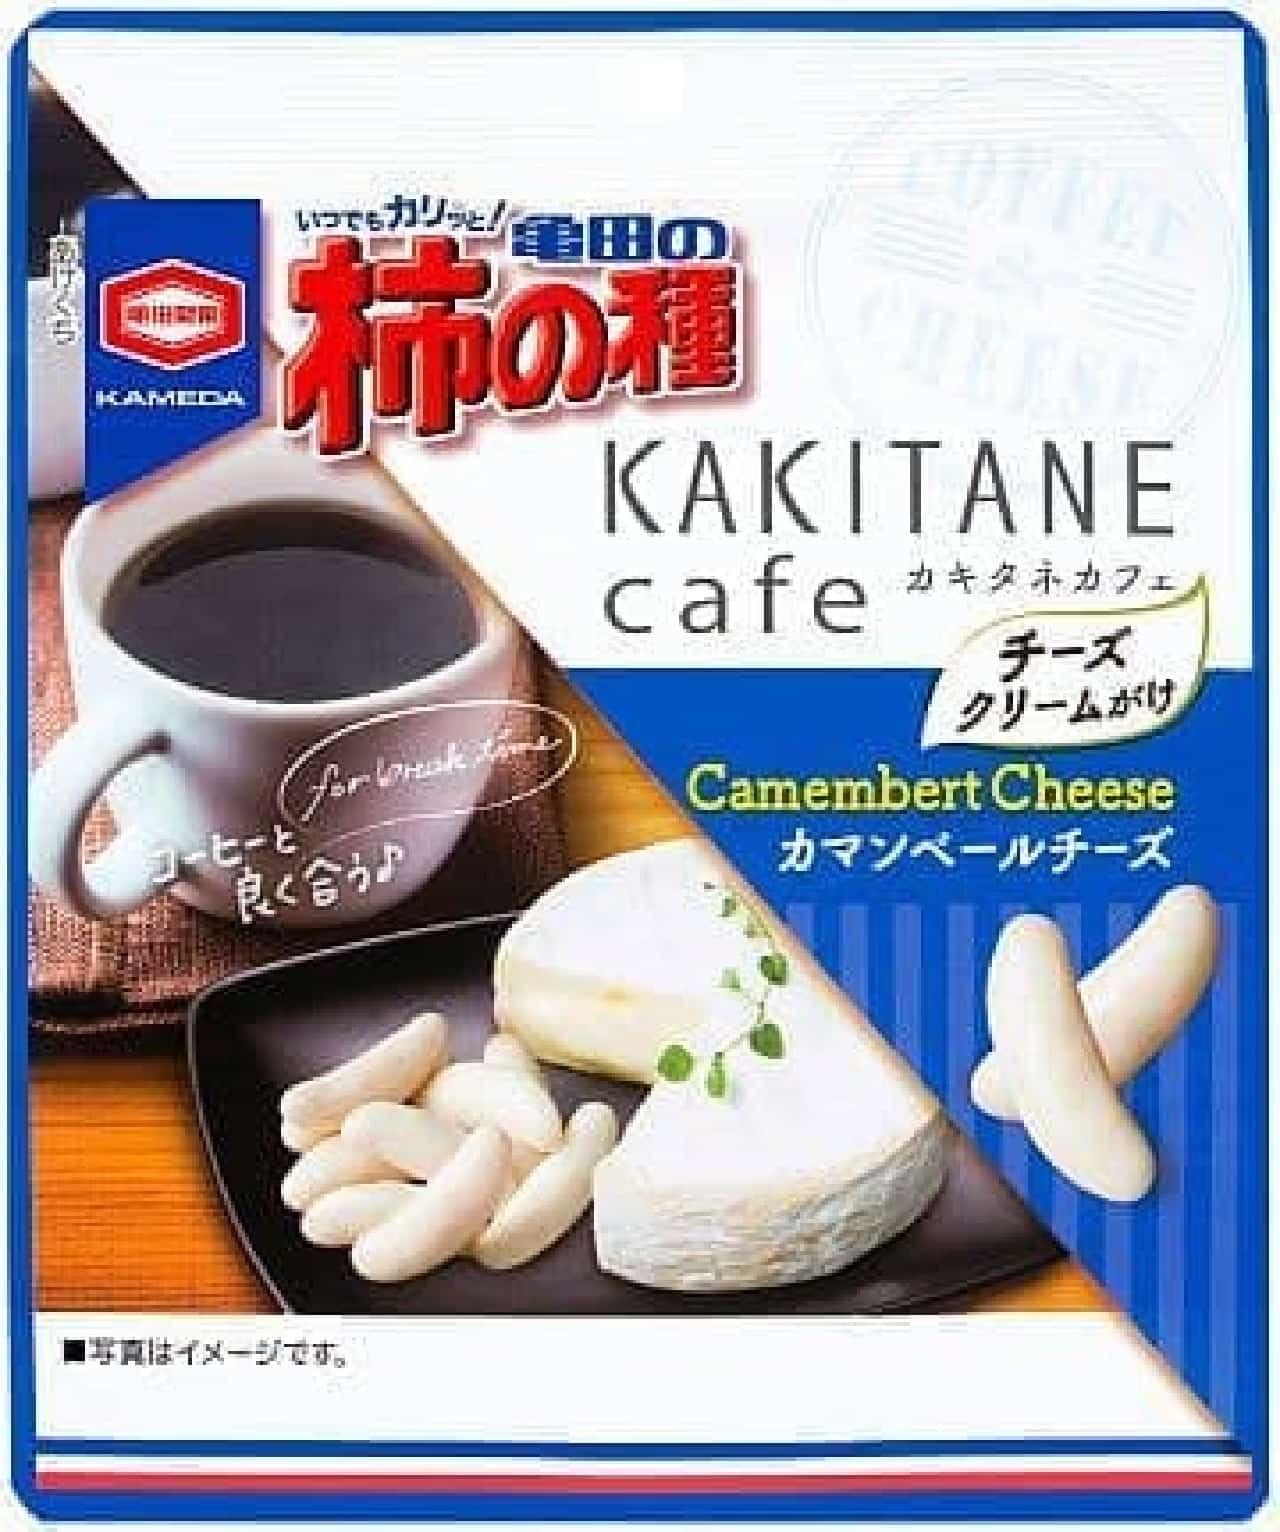 亀田の柿の種 カマンベールチーズ味